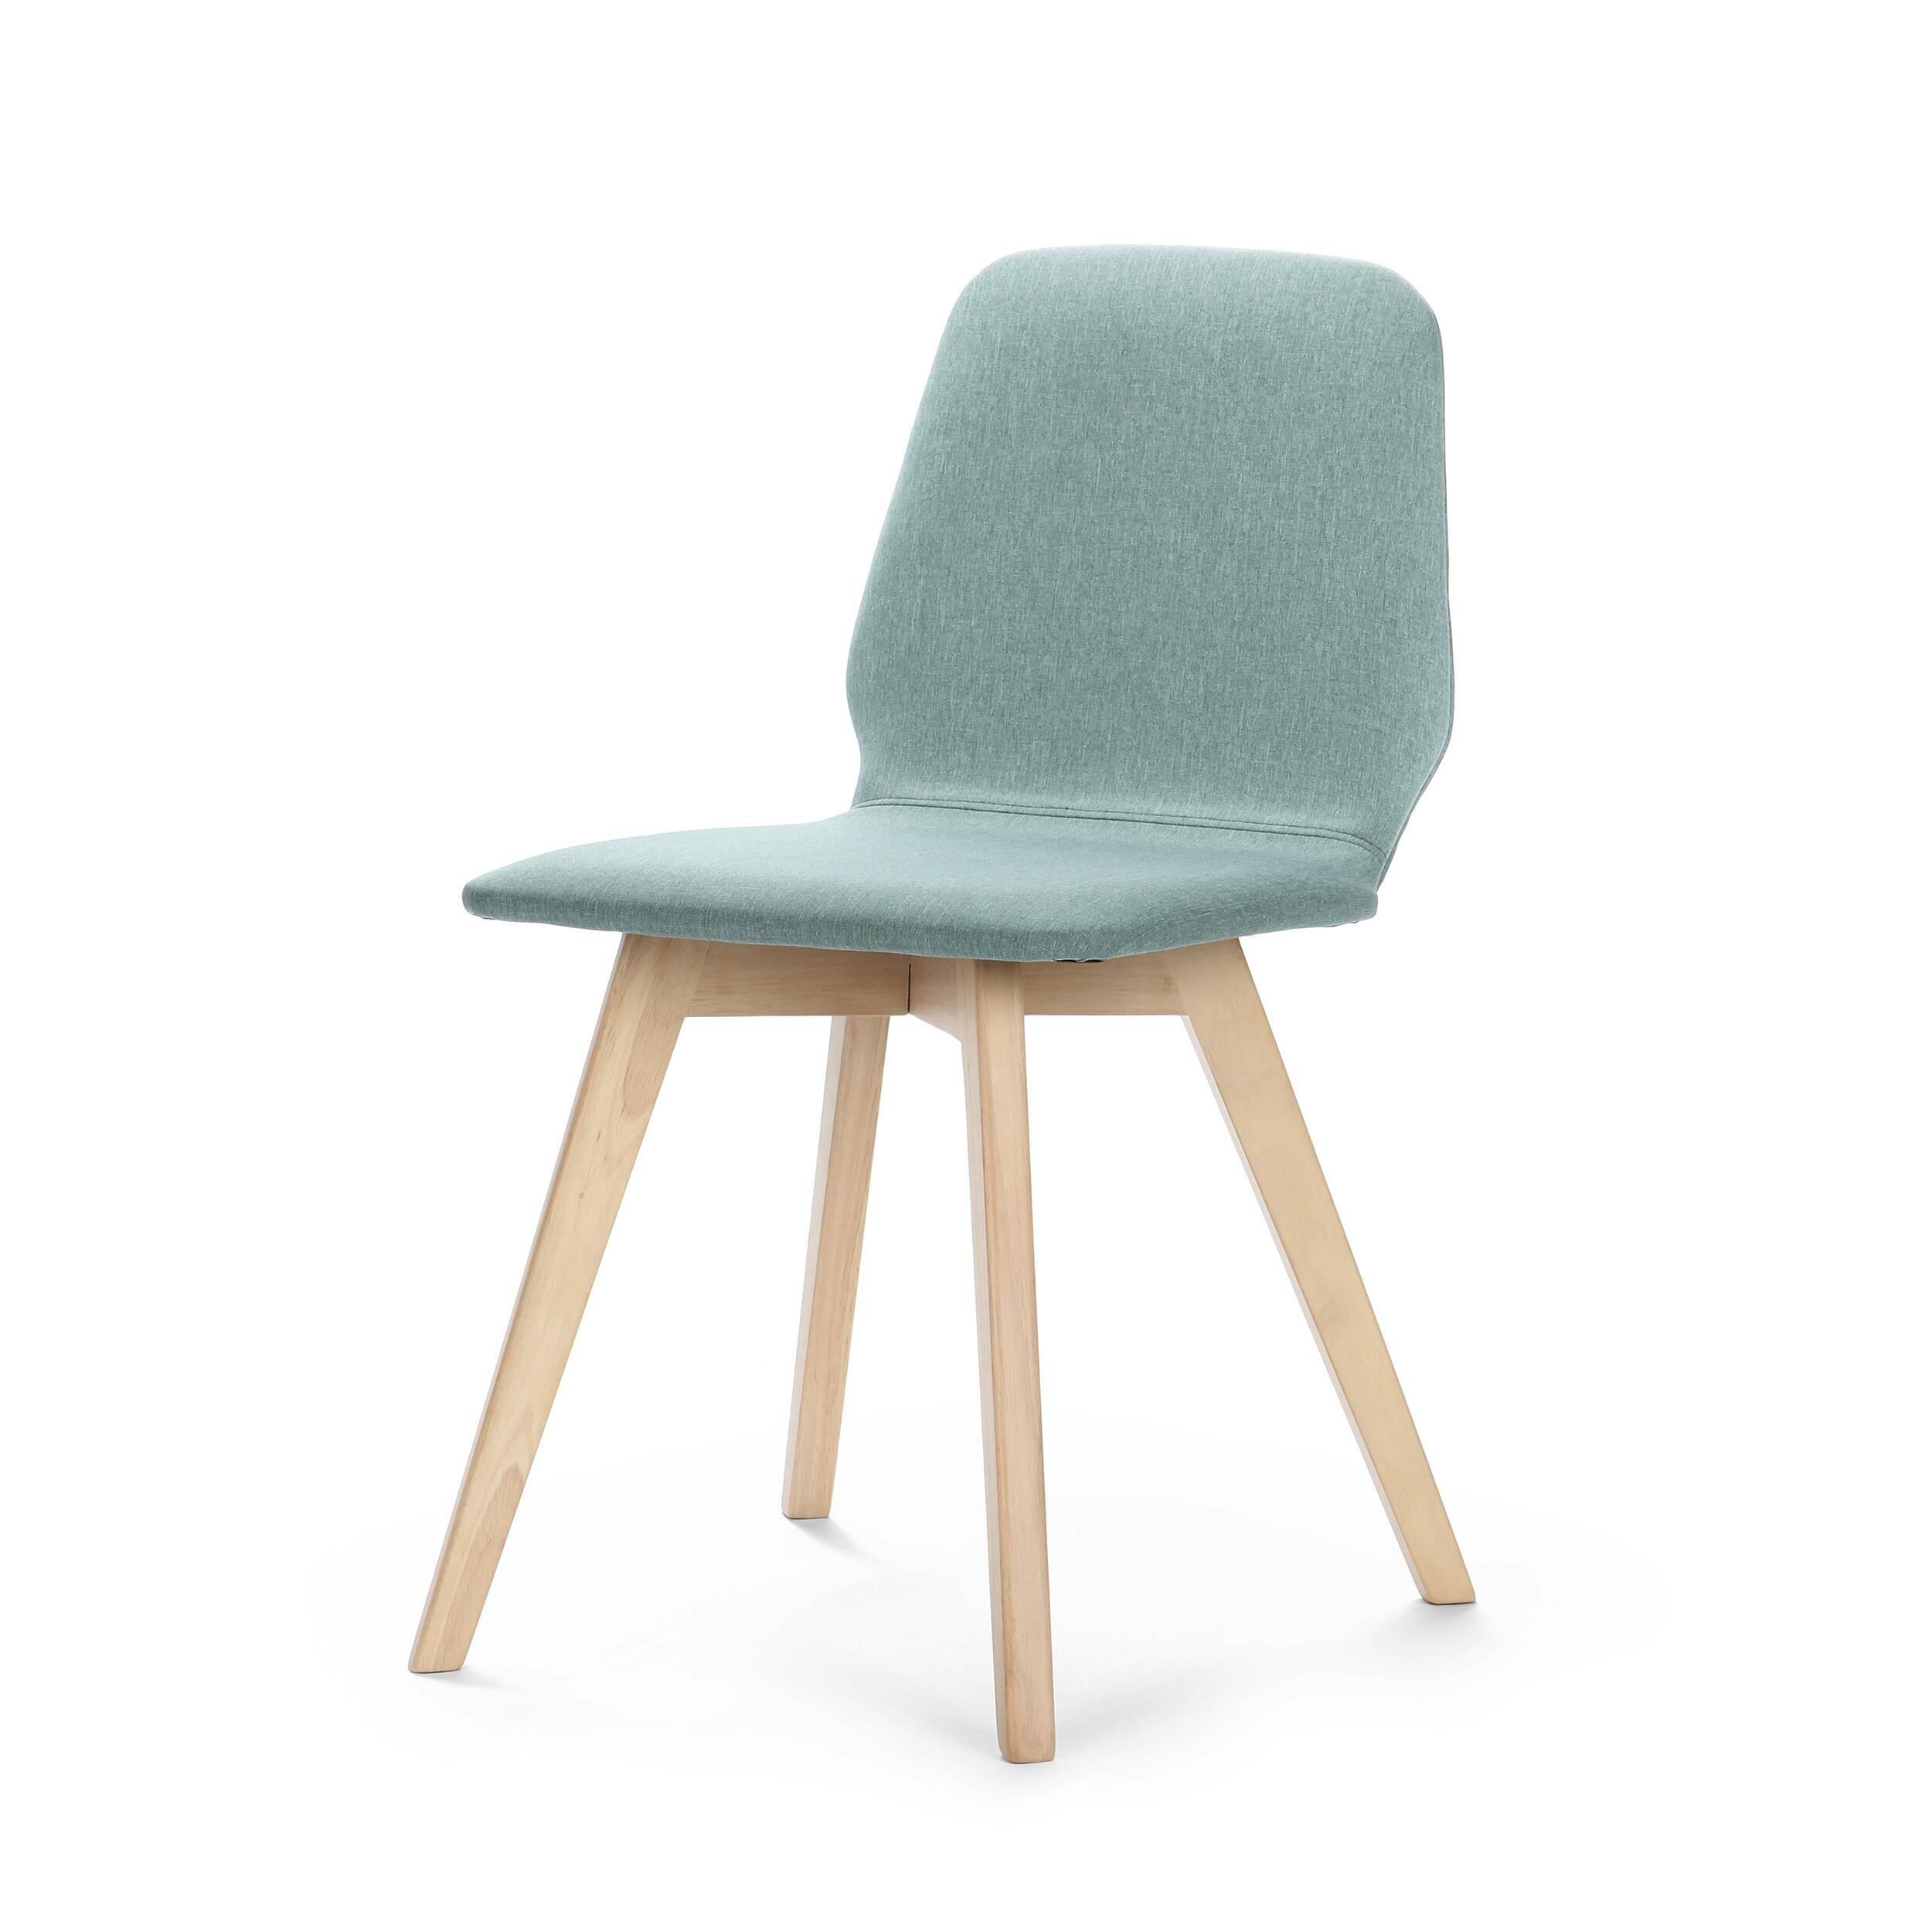 Стул VinceИнтерьерные<br>Стул Vince — обеденный стул от компании Cosmo. Изящен, лаконичен, но в то же время долговечен и прост в уходе. Дизайнер, учтя потребности современного человека, создал уникальный образ, который угодит и любителям классических интерьеров, и предпочитающим нечто современное и стильное. Простые органичные линии переплетены в дизайне, воплощенном и в классических, и современных материалах. Ножки и каркас изделия изготовлены из натуральной древесины гевеи, а сиденье обито качественным полиэстером ...<br><br>stock: 0<br>Высота: 77<br>Высота спинки: 45<br>Ширина: 57<br>Глубина: 47.5<br>Цвет ножек: Светло-коричневый<br>Наполнитель: Пена<br>Материал ножек: Массив каучукового дерева<br>Материал сидения: Полиэстер<br>Цвет сидения: Бирюзовый<br>Тип материала сидения: Ткань<br>Тип материала ножек: Дерево